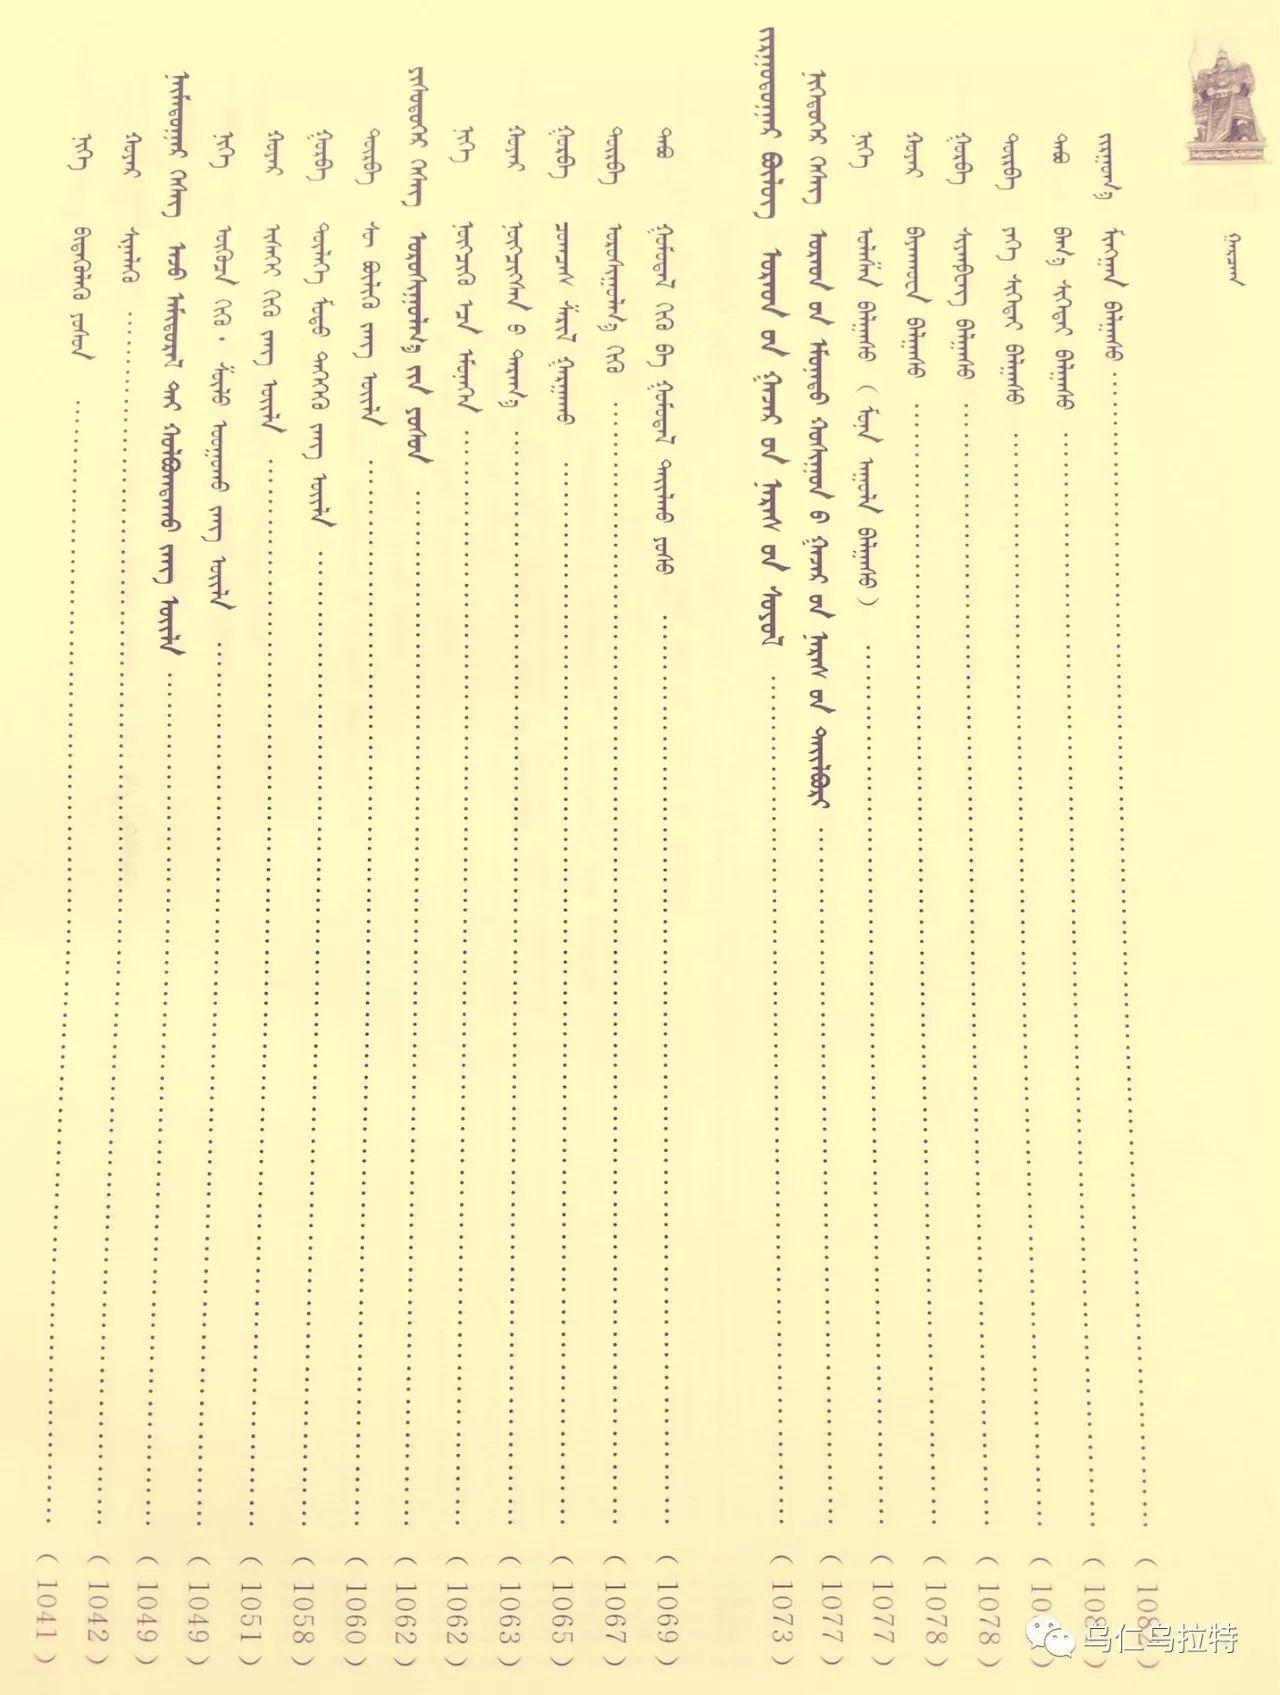 图书介绍《乌拉特历史文化》 第27张